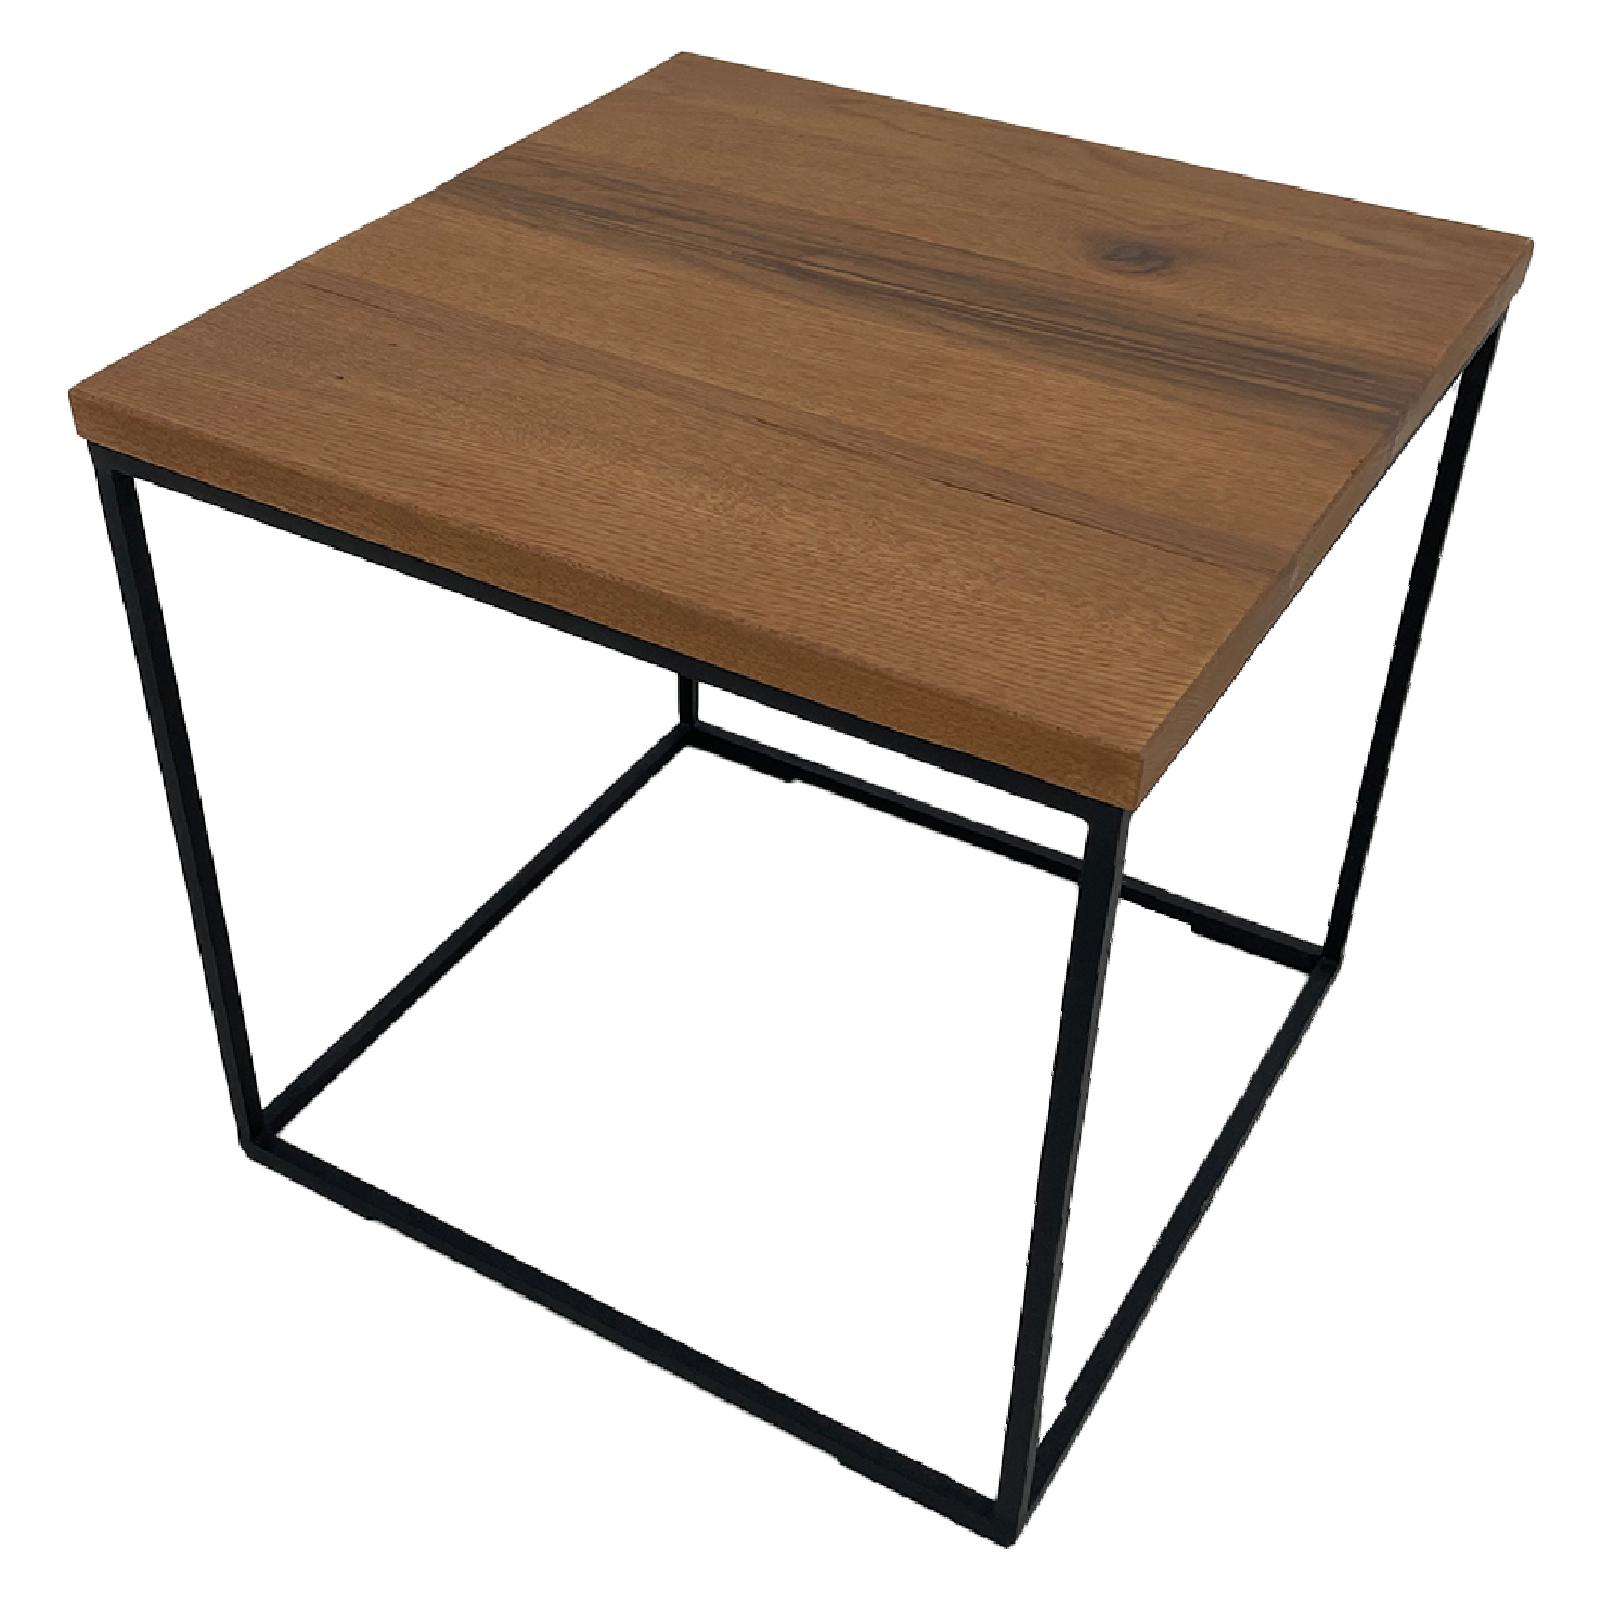 Beistelltisch Cube aus Metall und Eiche in Braun oder Grau 40 x 40 cm